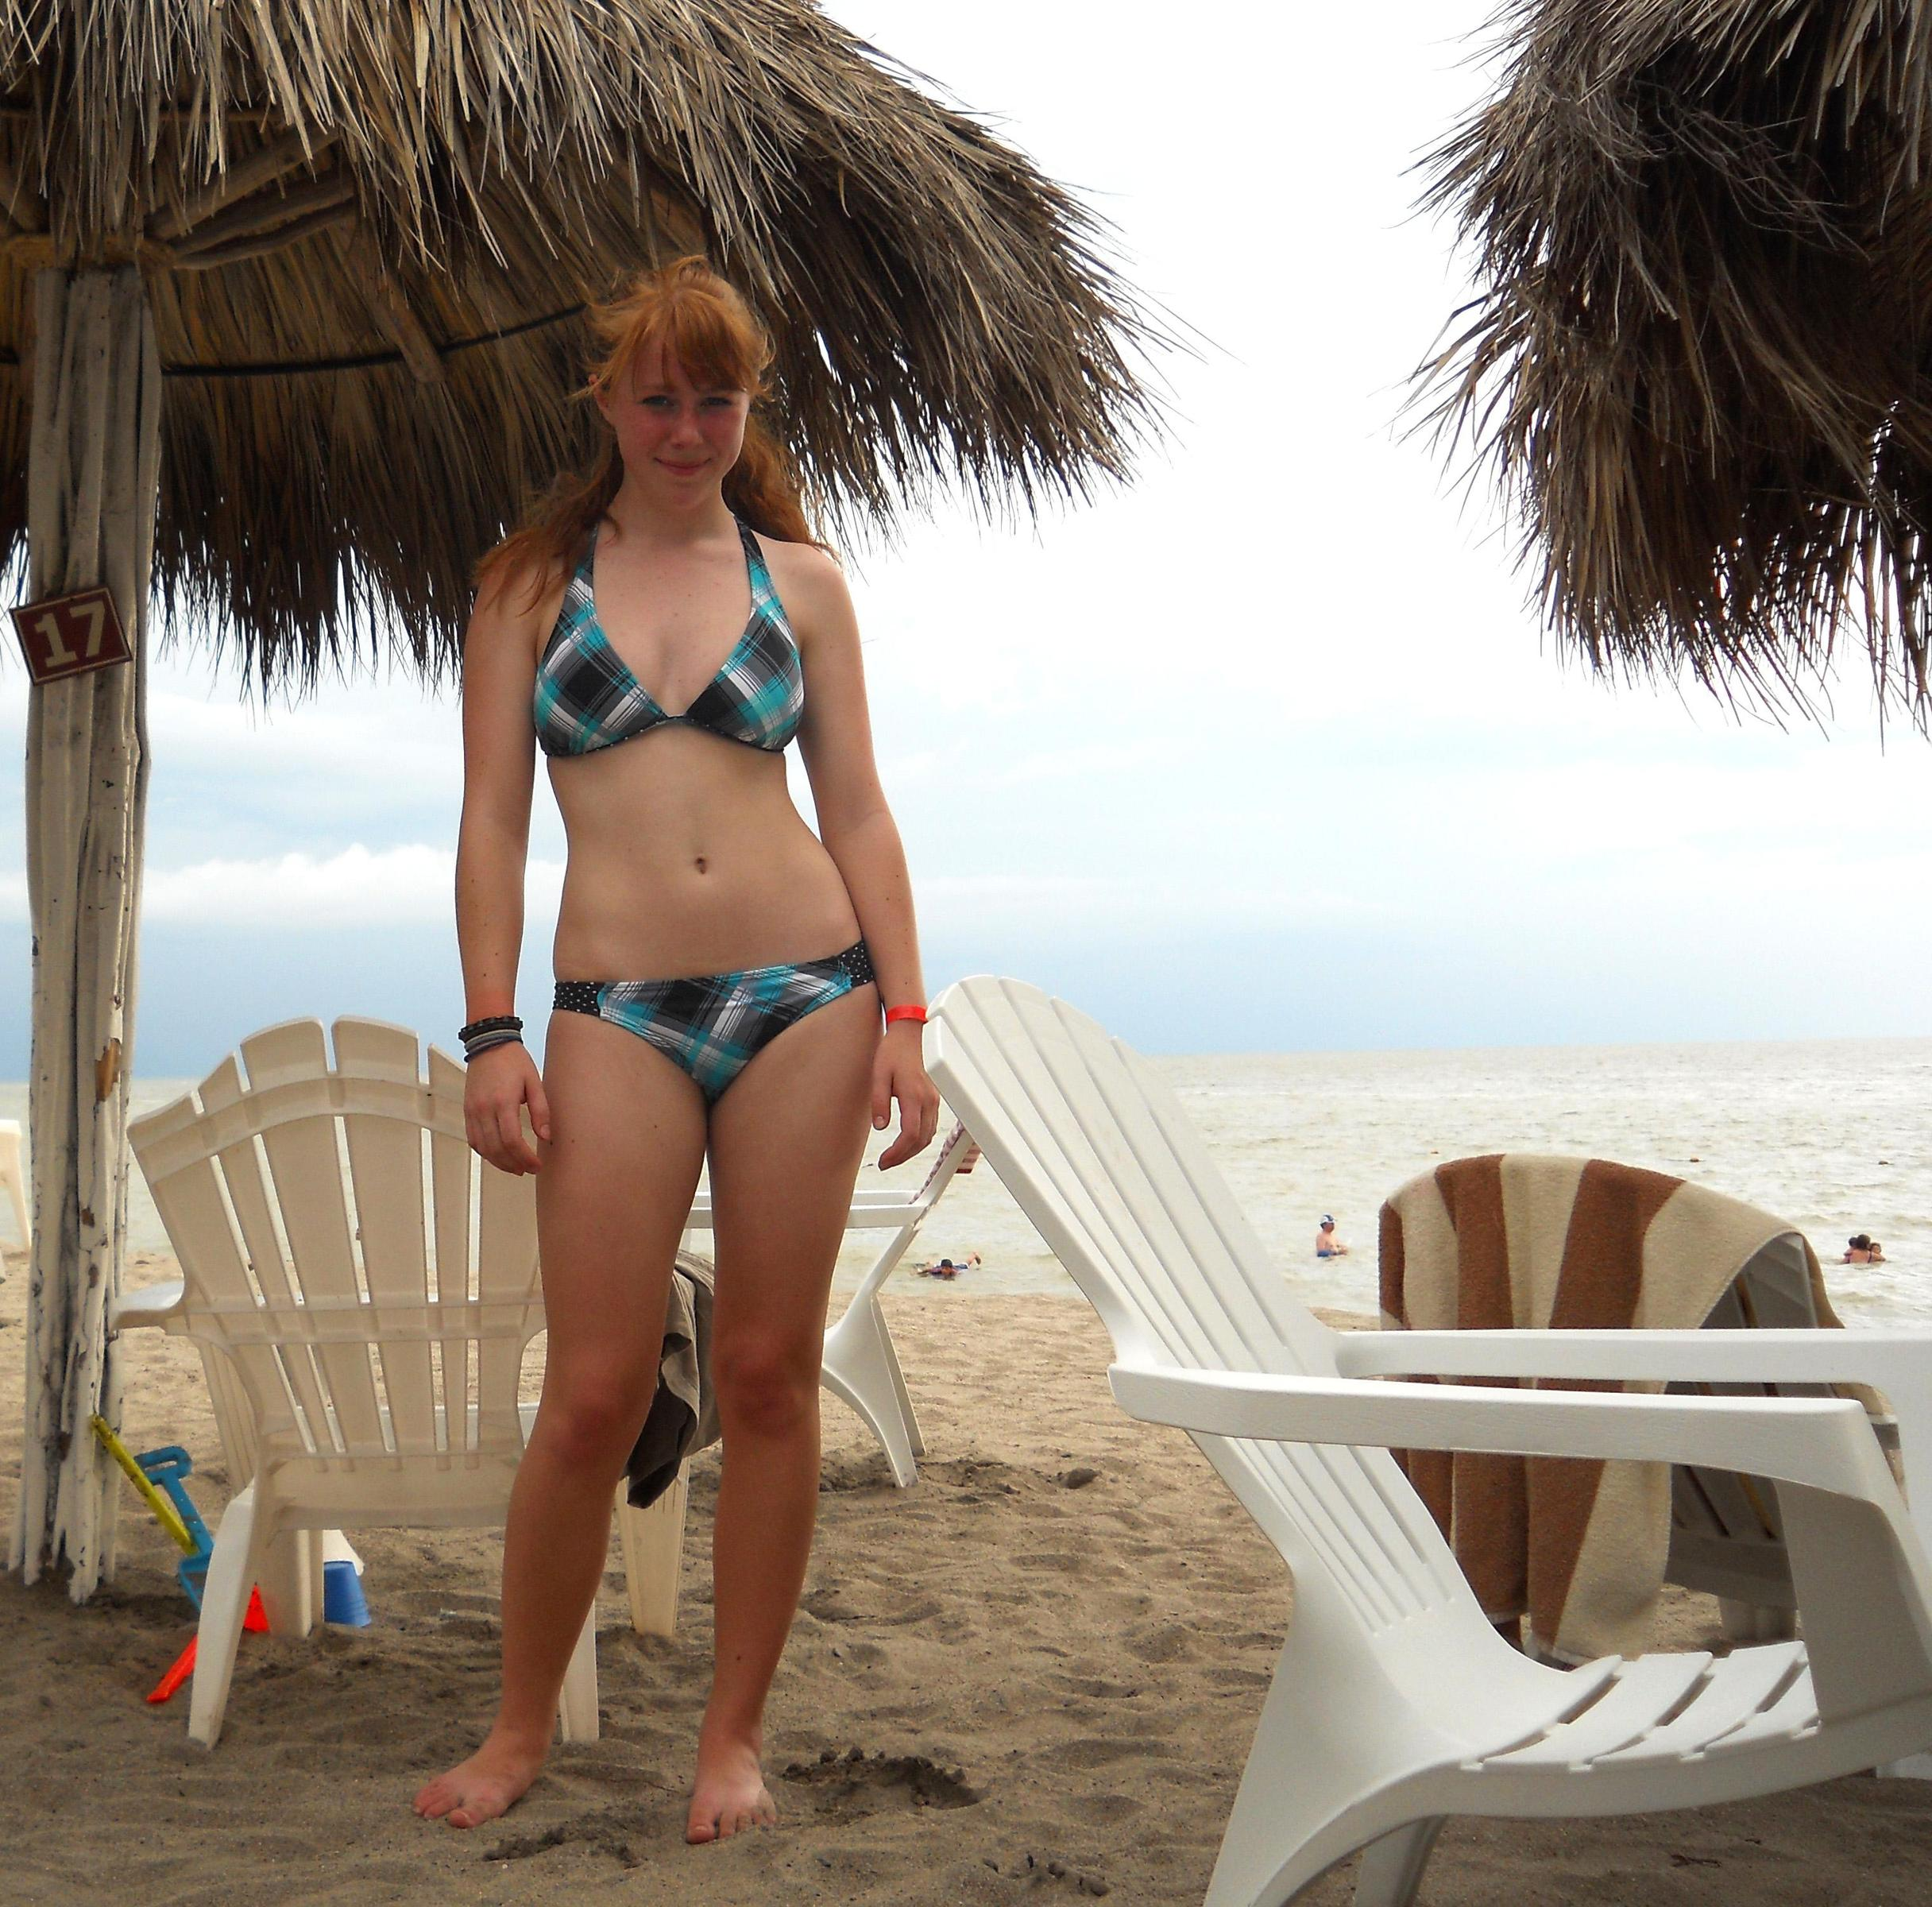 Redhead in bikini